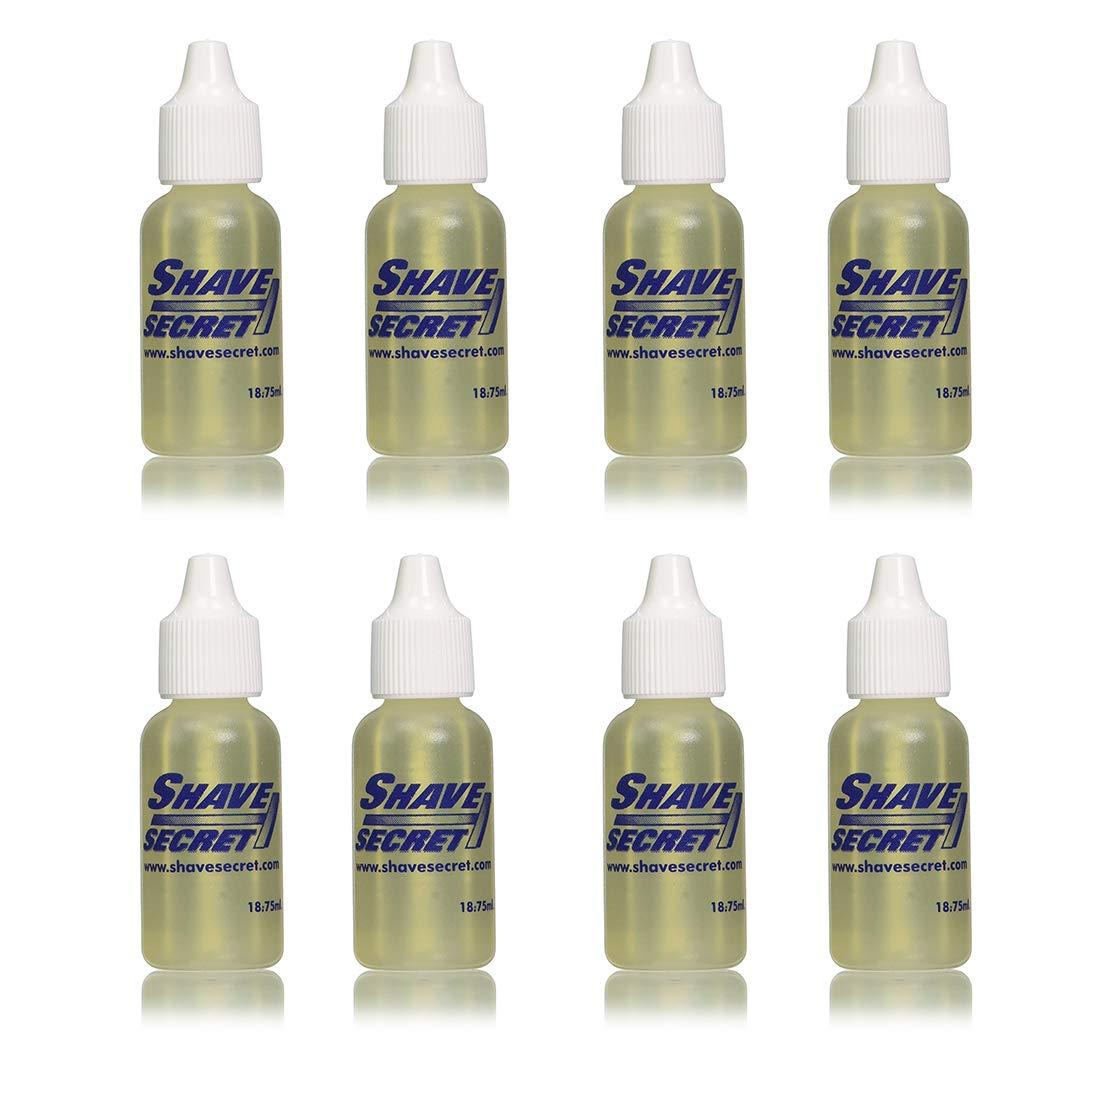 PACK OF 8 - Shave Secret Shaving Oil, 0.63 fl oz